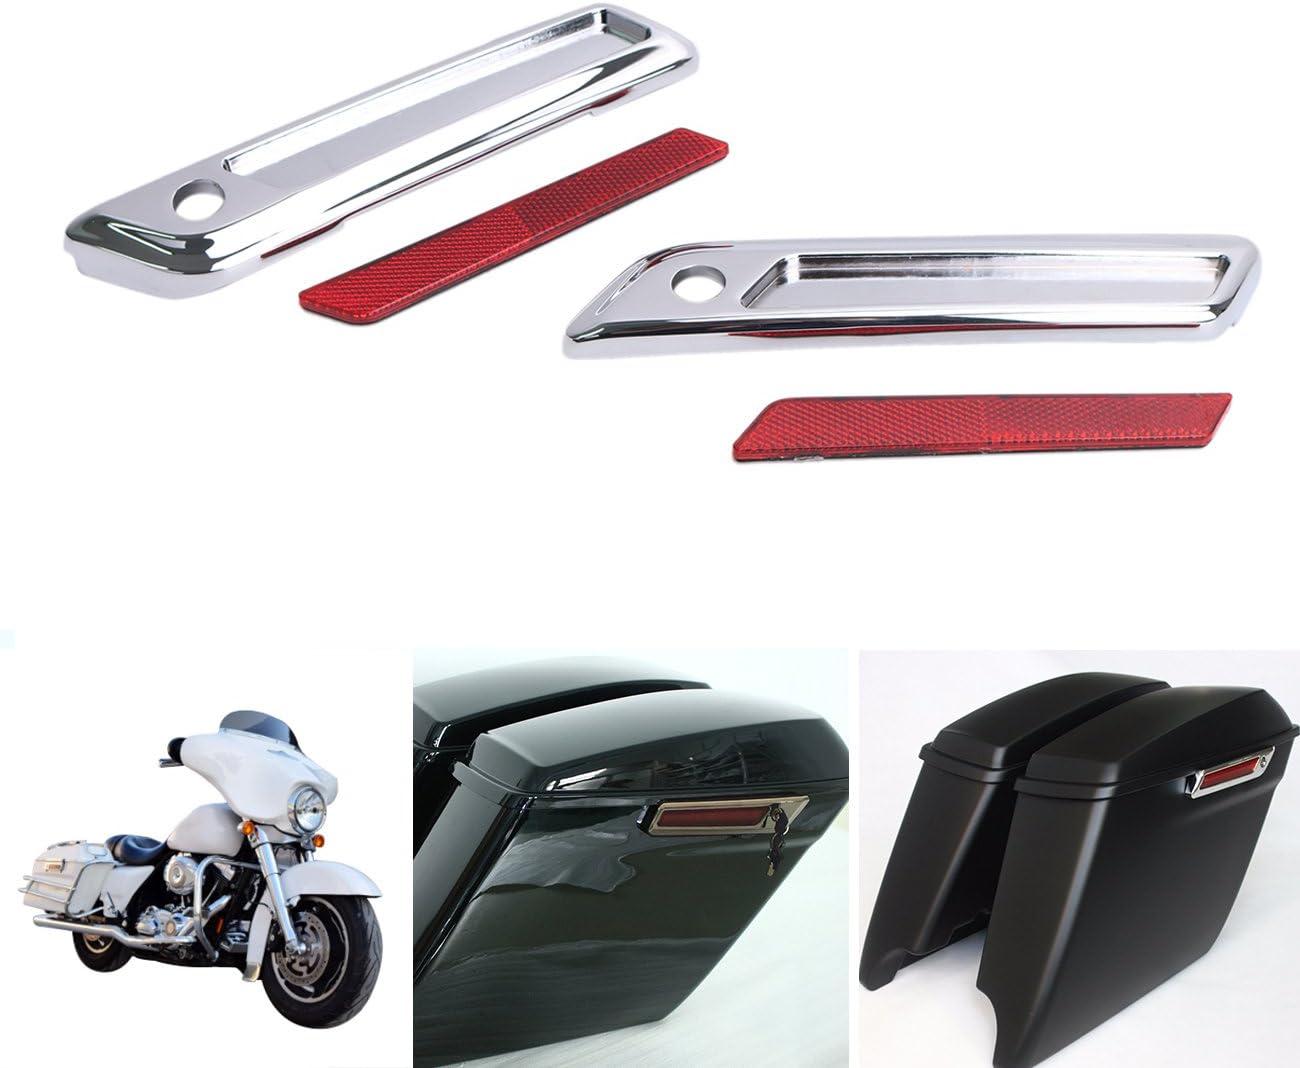 Satteltaschen Reflektor Hinge Latch Covers Für Koffer Satteltasche Harley Touring Street Glide Flht 2014 2015 2016 Auto